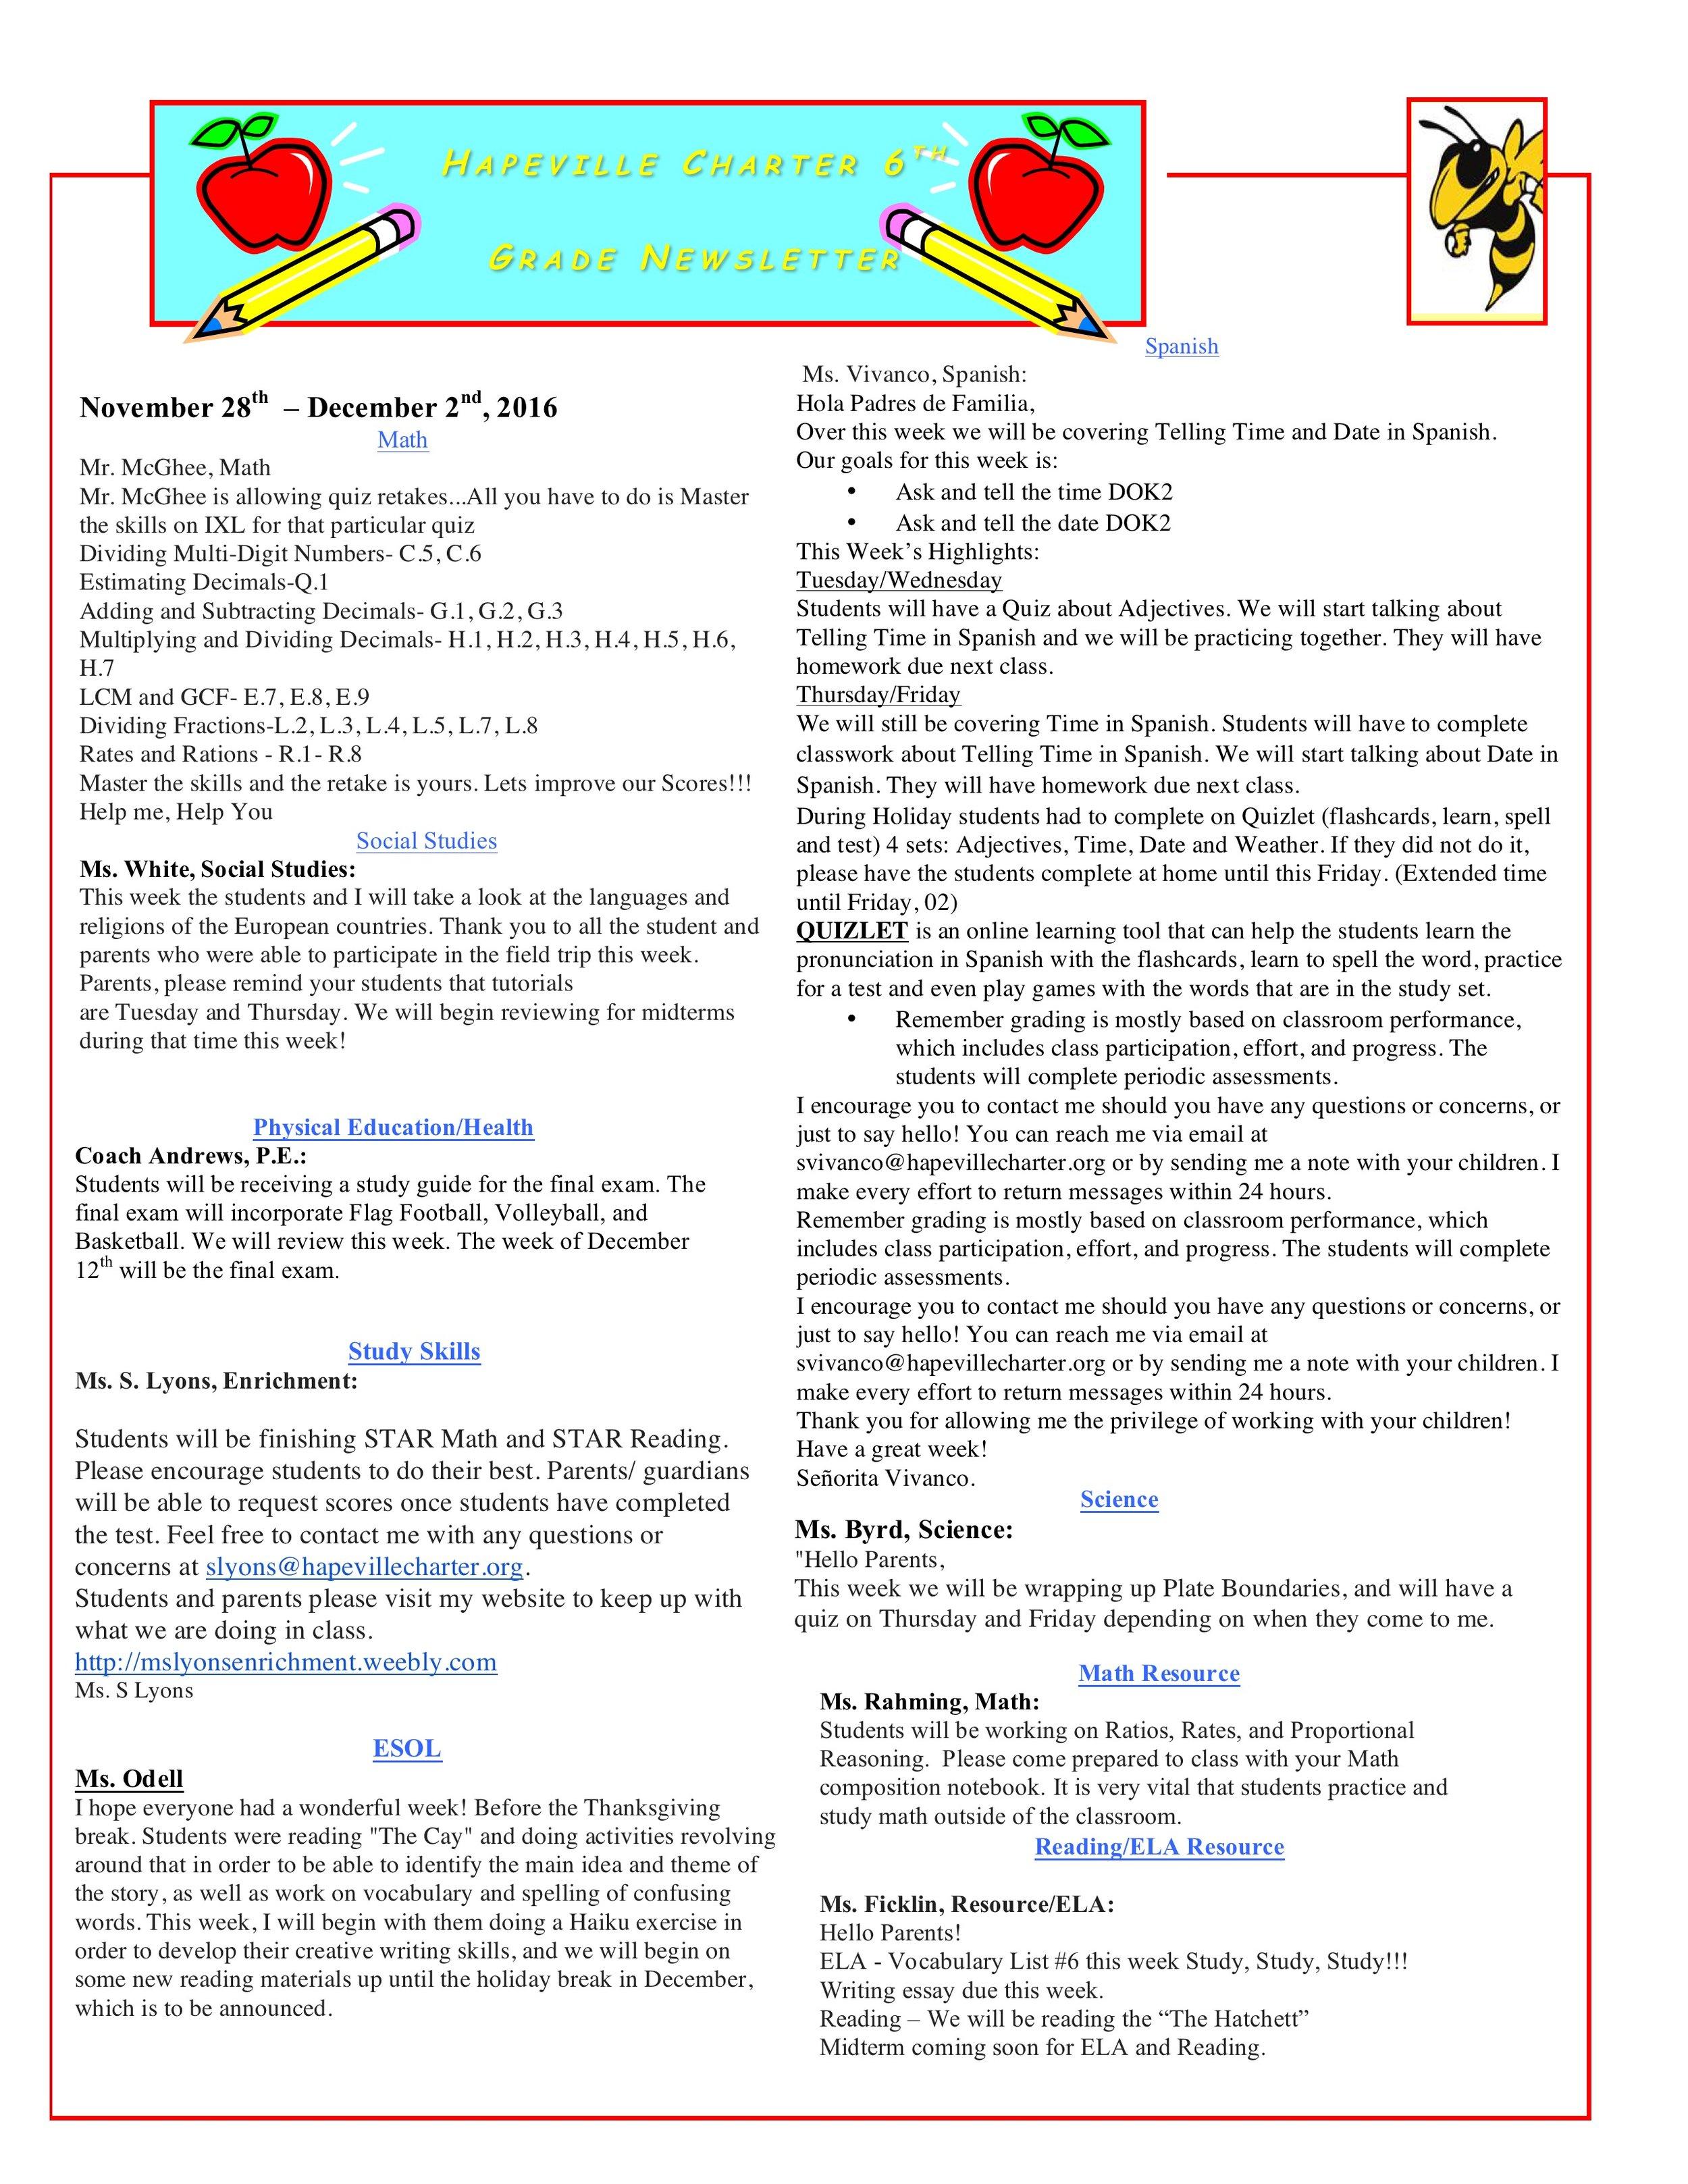 Newsletter Image6th Grade Newsletter 11-28.jpeg